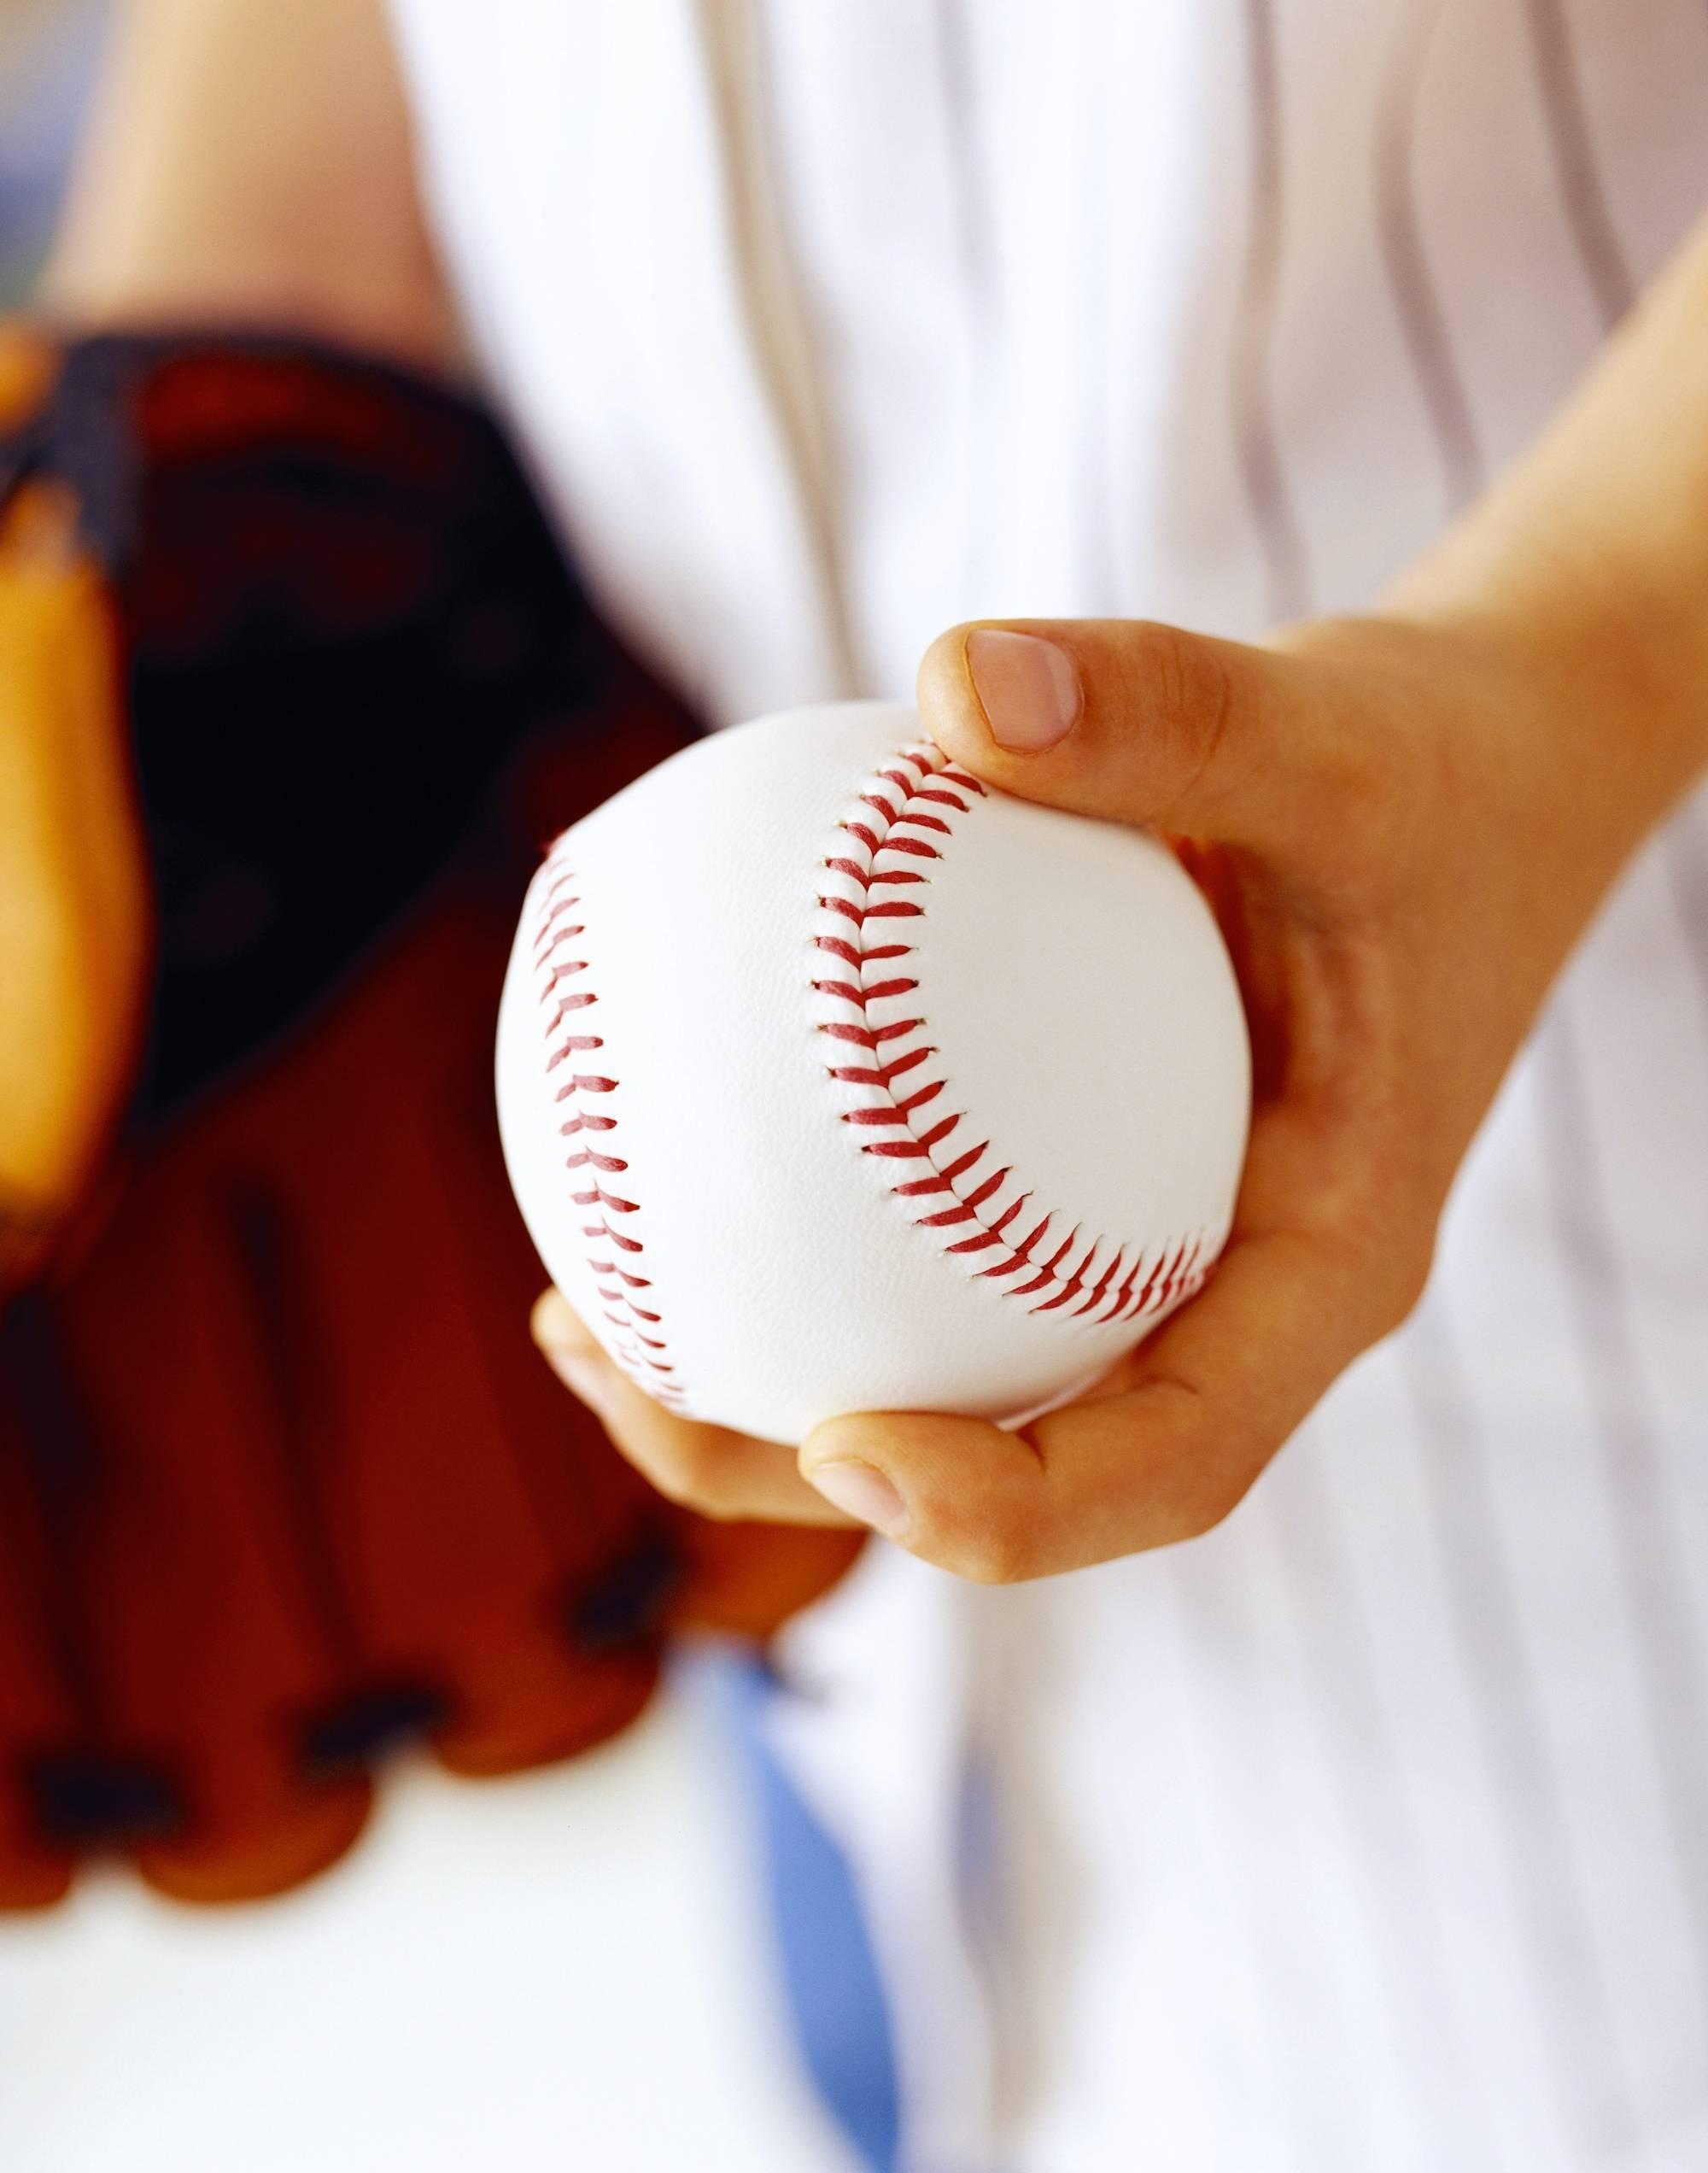 Baseball: South Brunswick Tops East Brunswick, 3-2